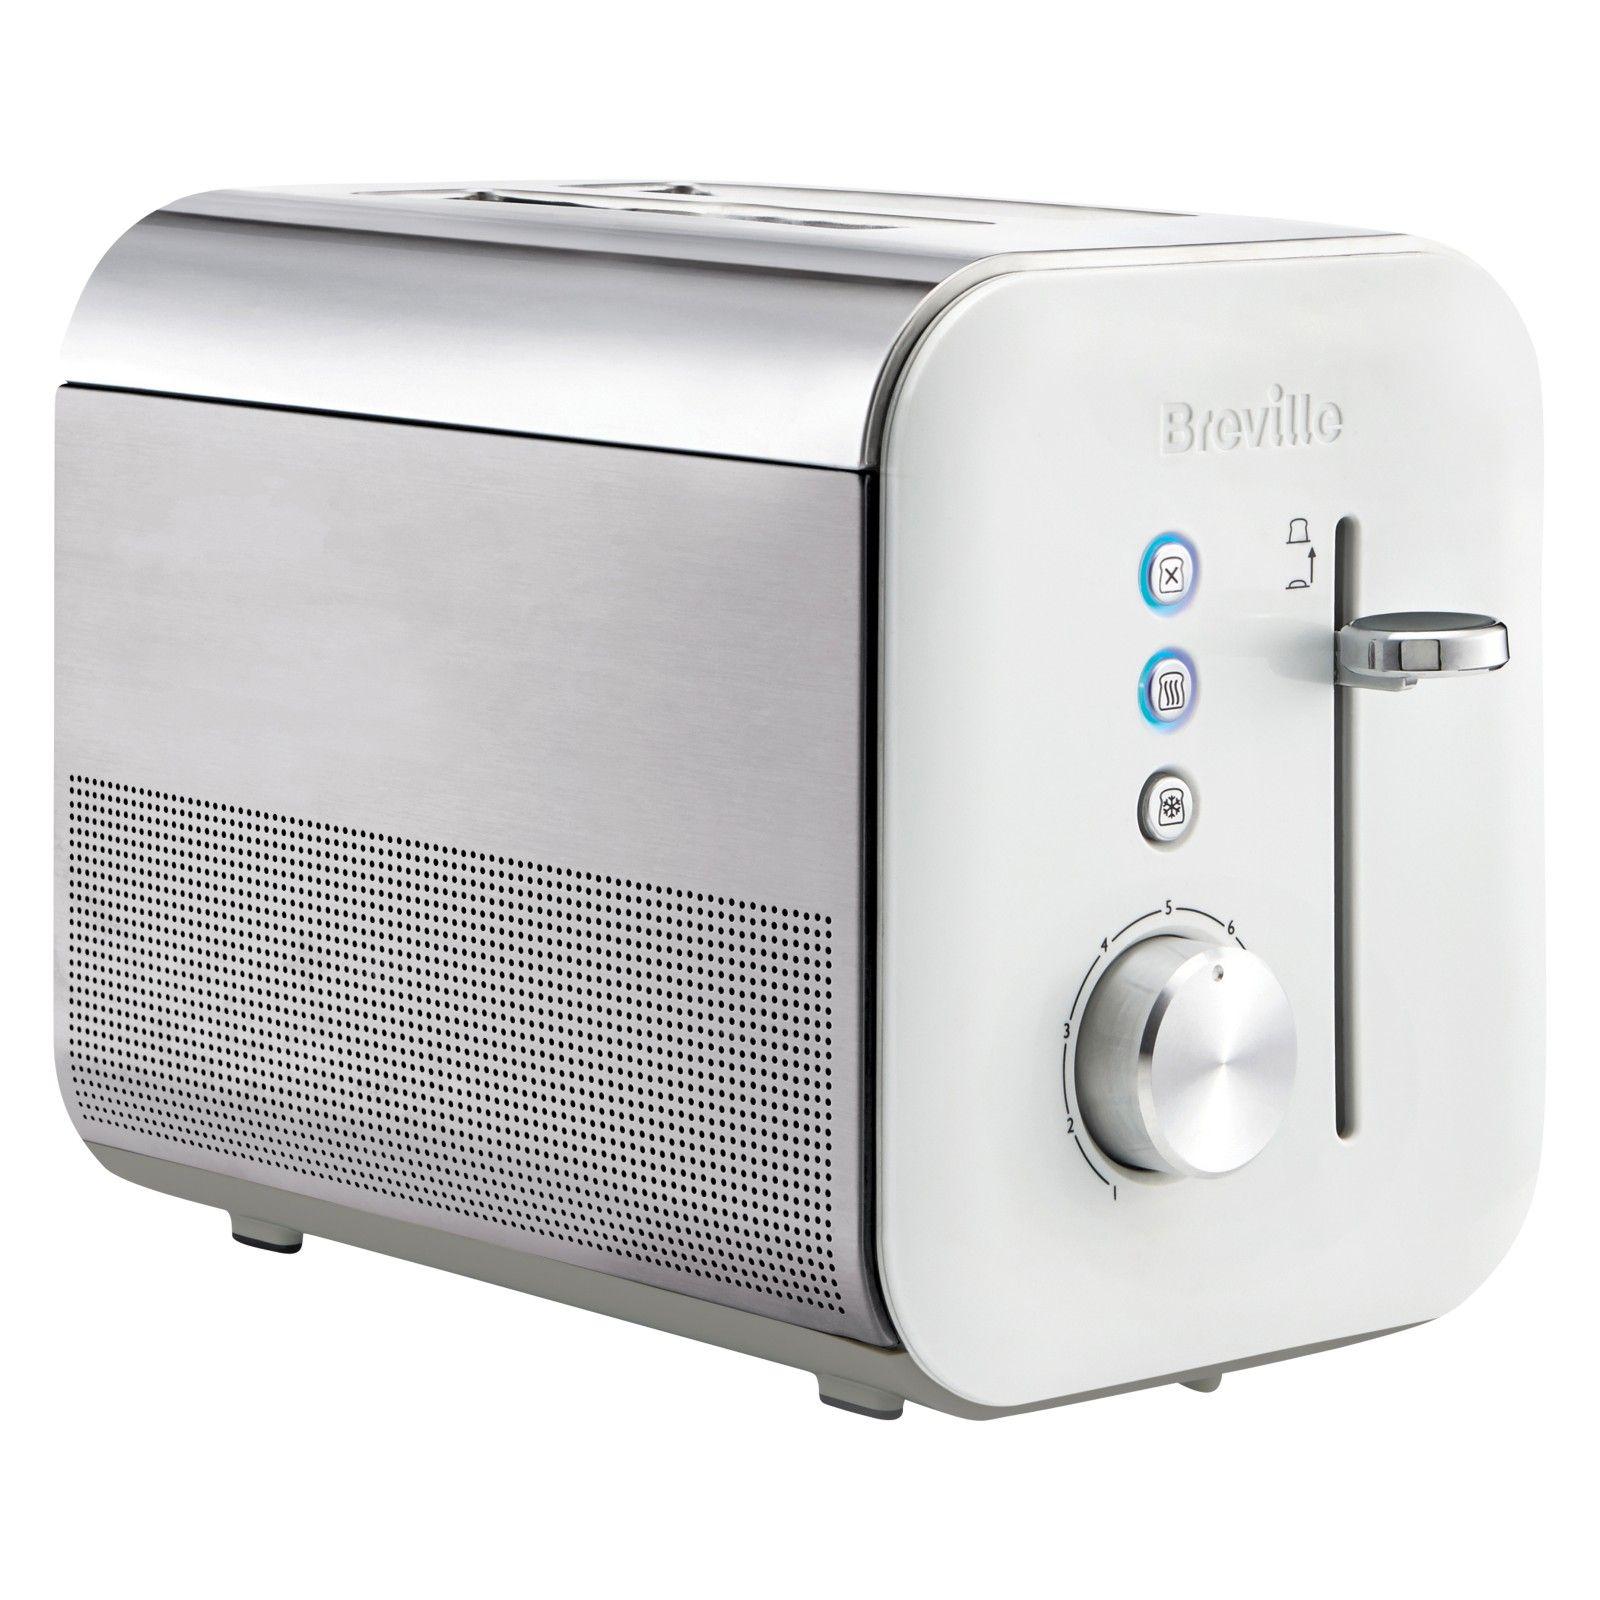 Breville VTT686 High Gloss 2-Slice Toaster, White   Toasters, High ...